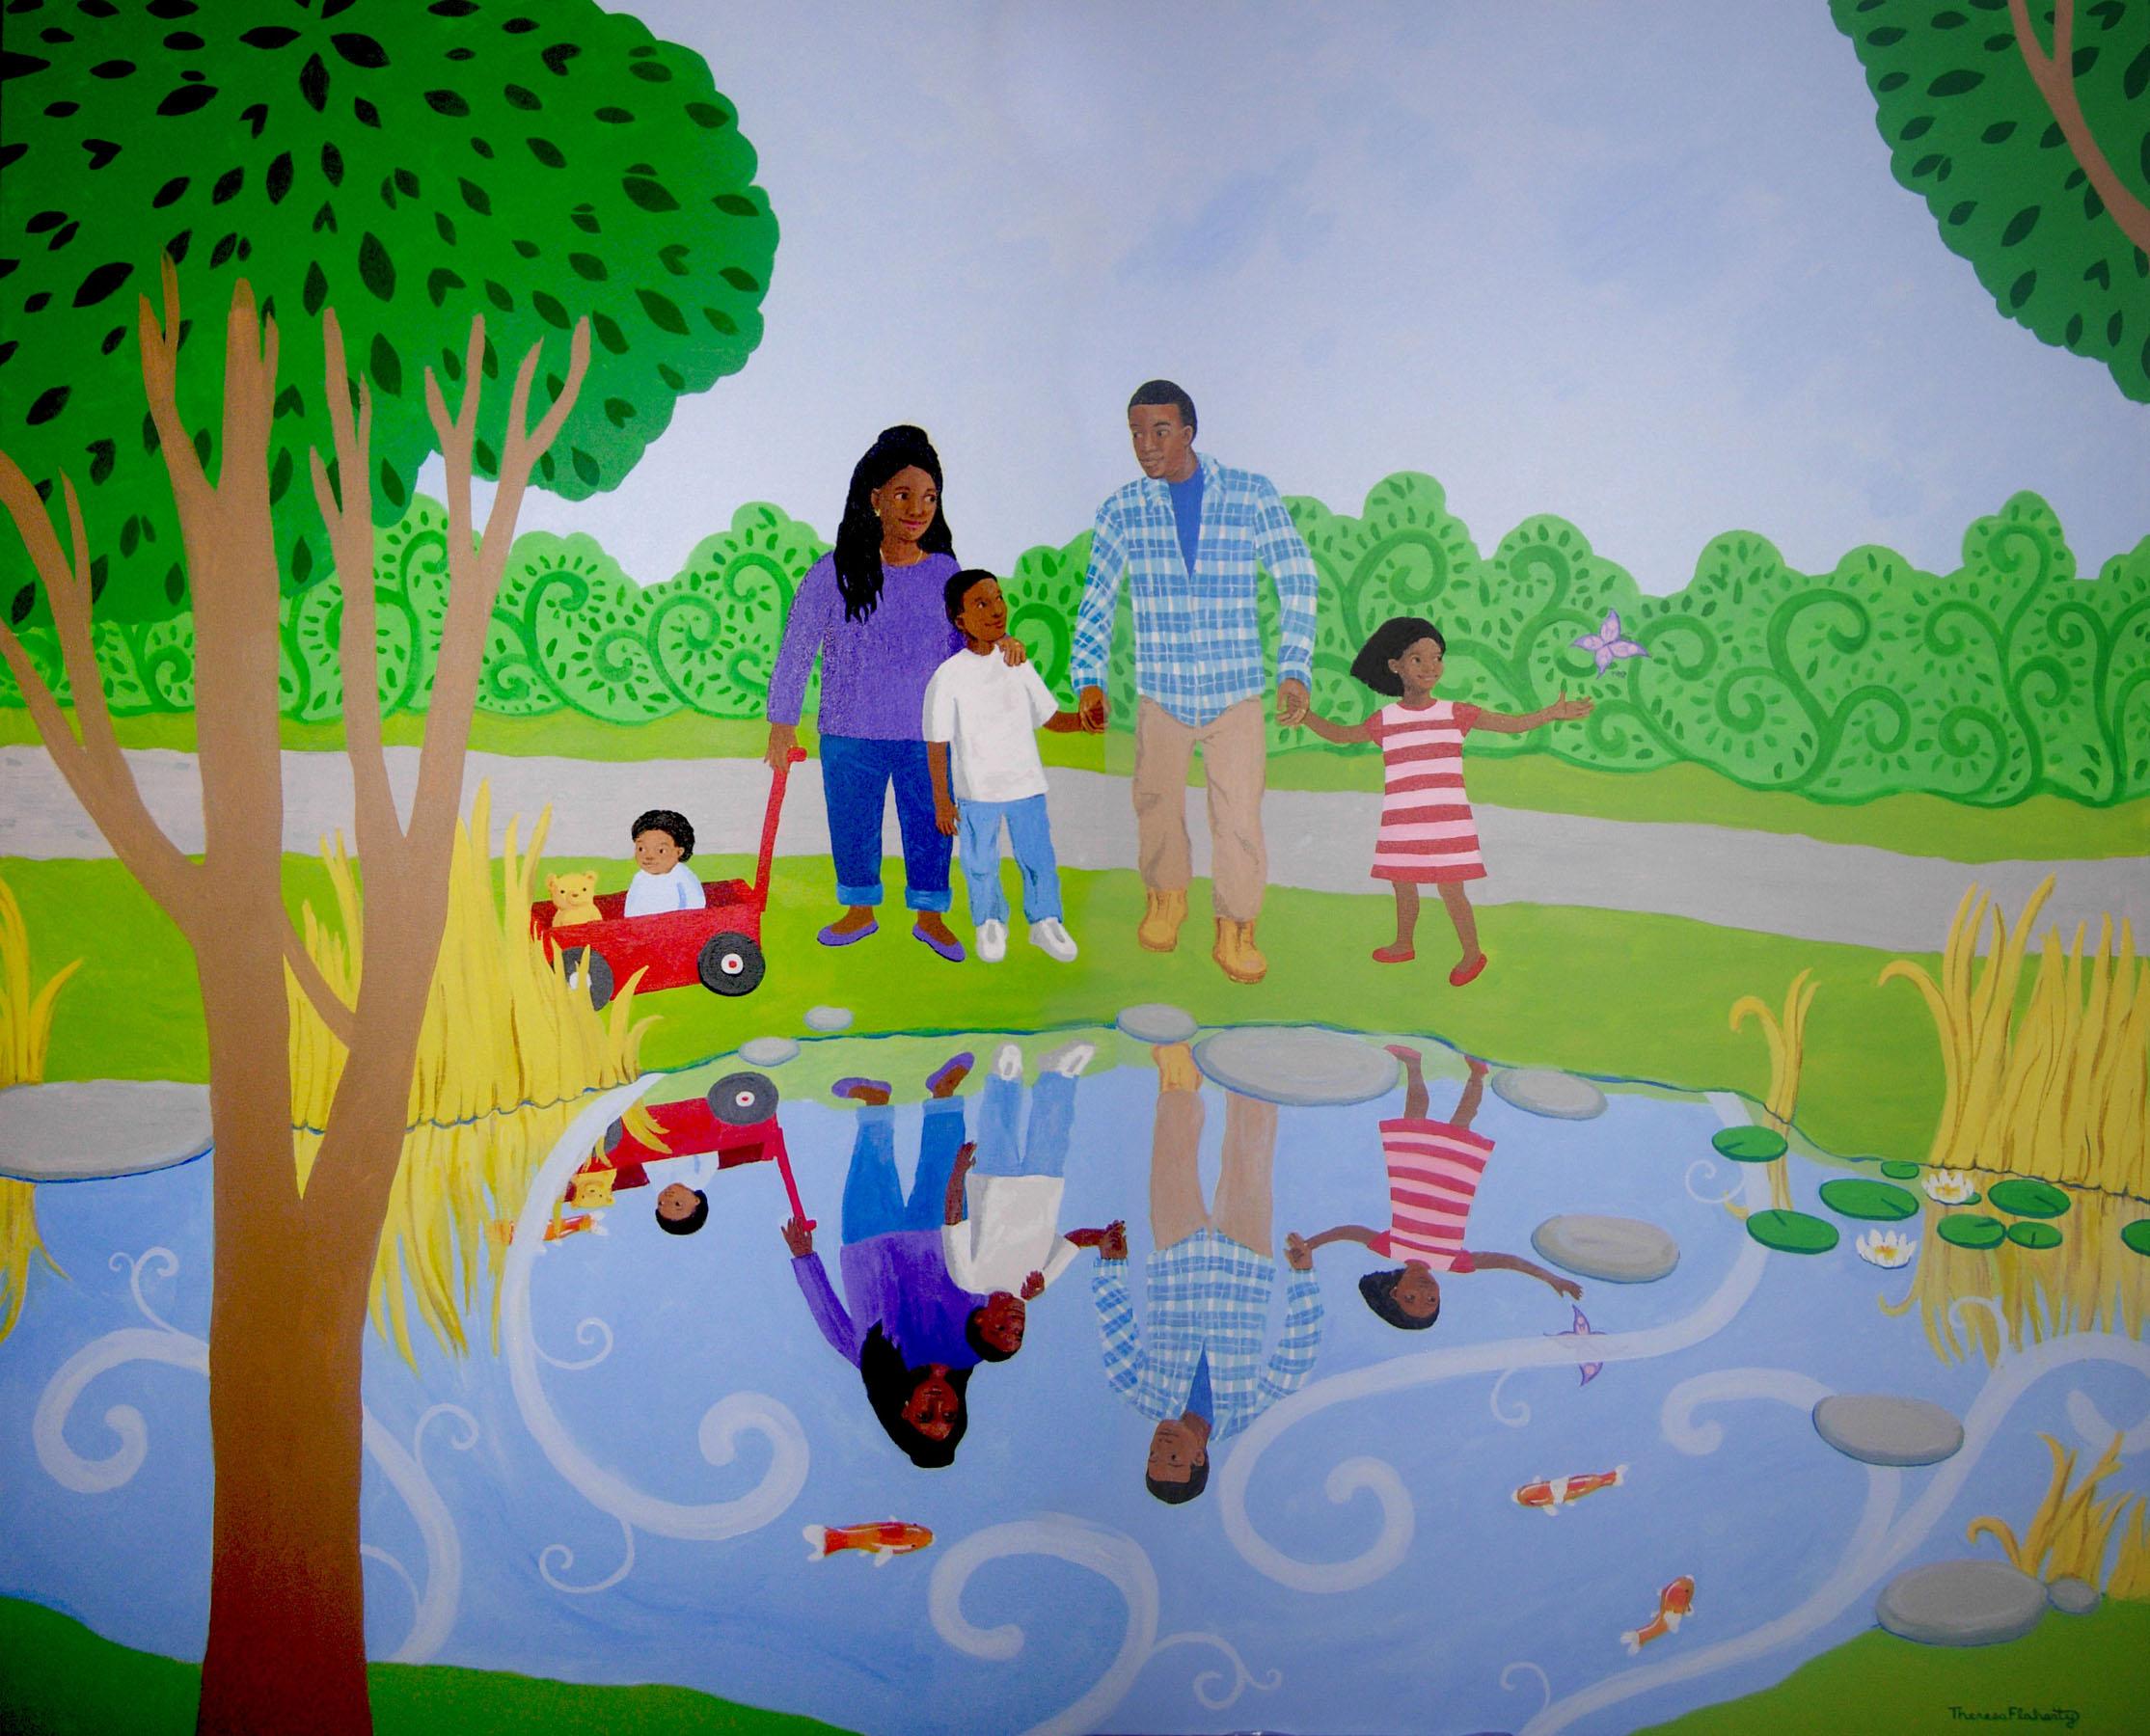 kc.mural1.sm.jpg